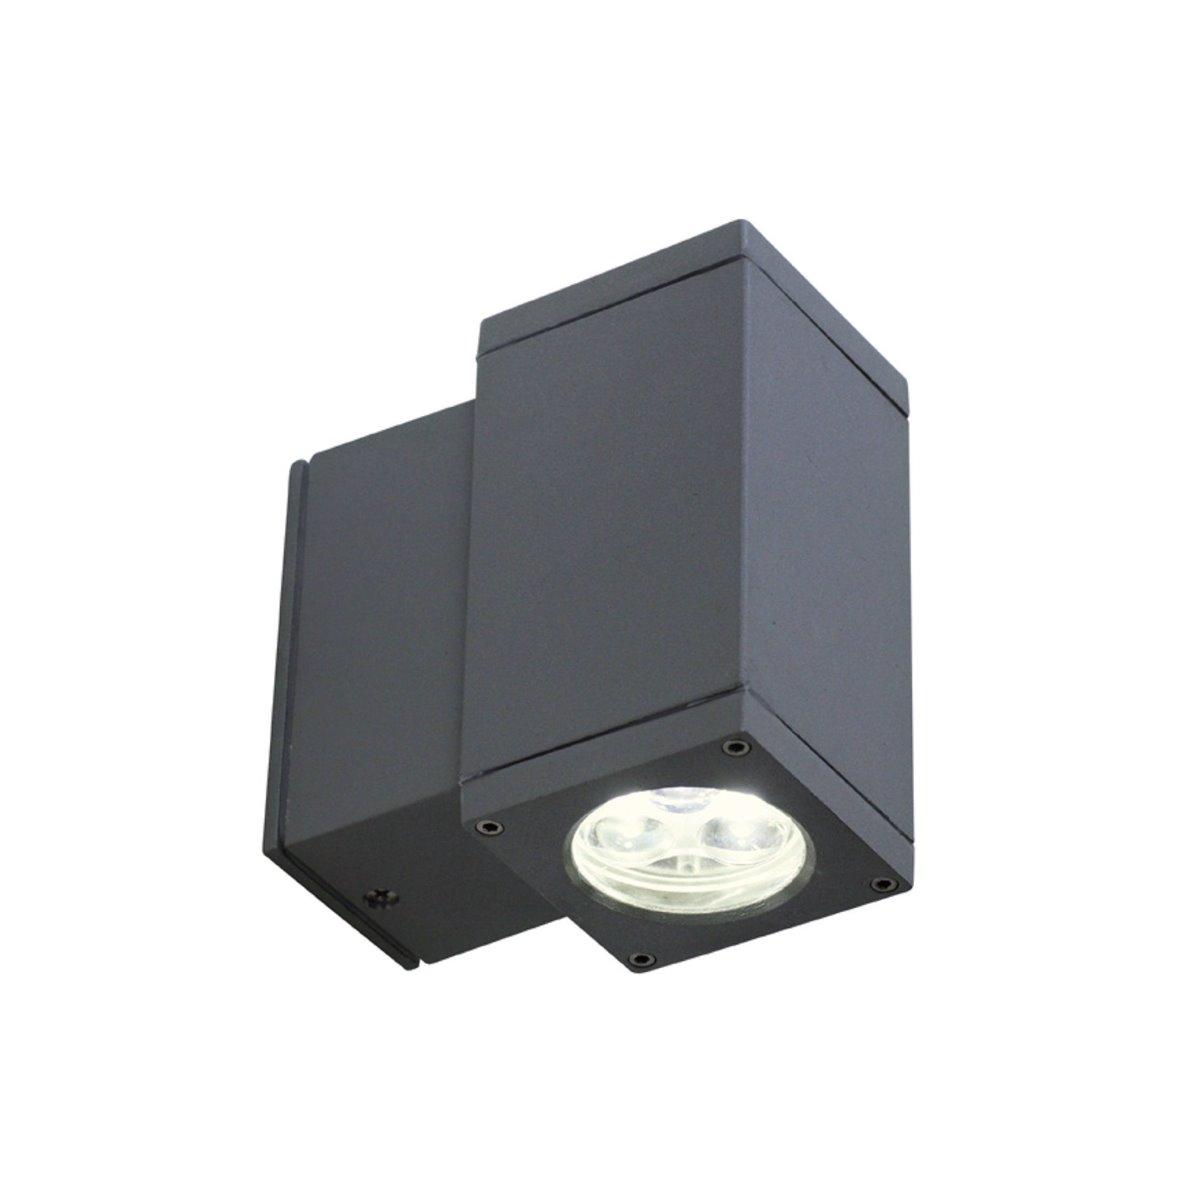 led fassadenleuchte fassade au enleuchte wandleuchte spot strahler au enstrahler ebay. Black Bedroom Furniture Sets. Home Design Ideas